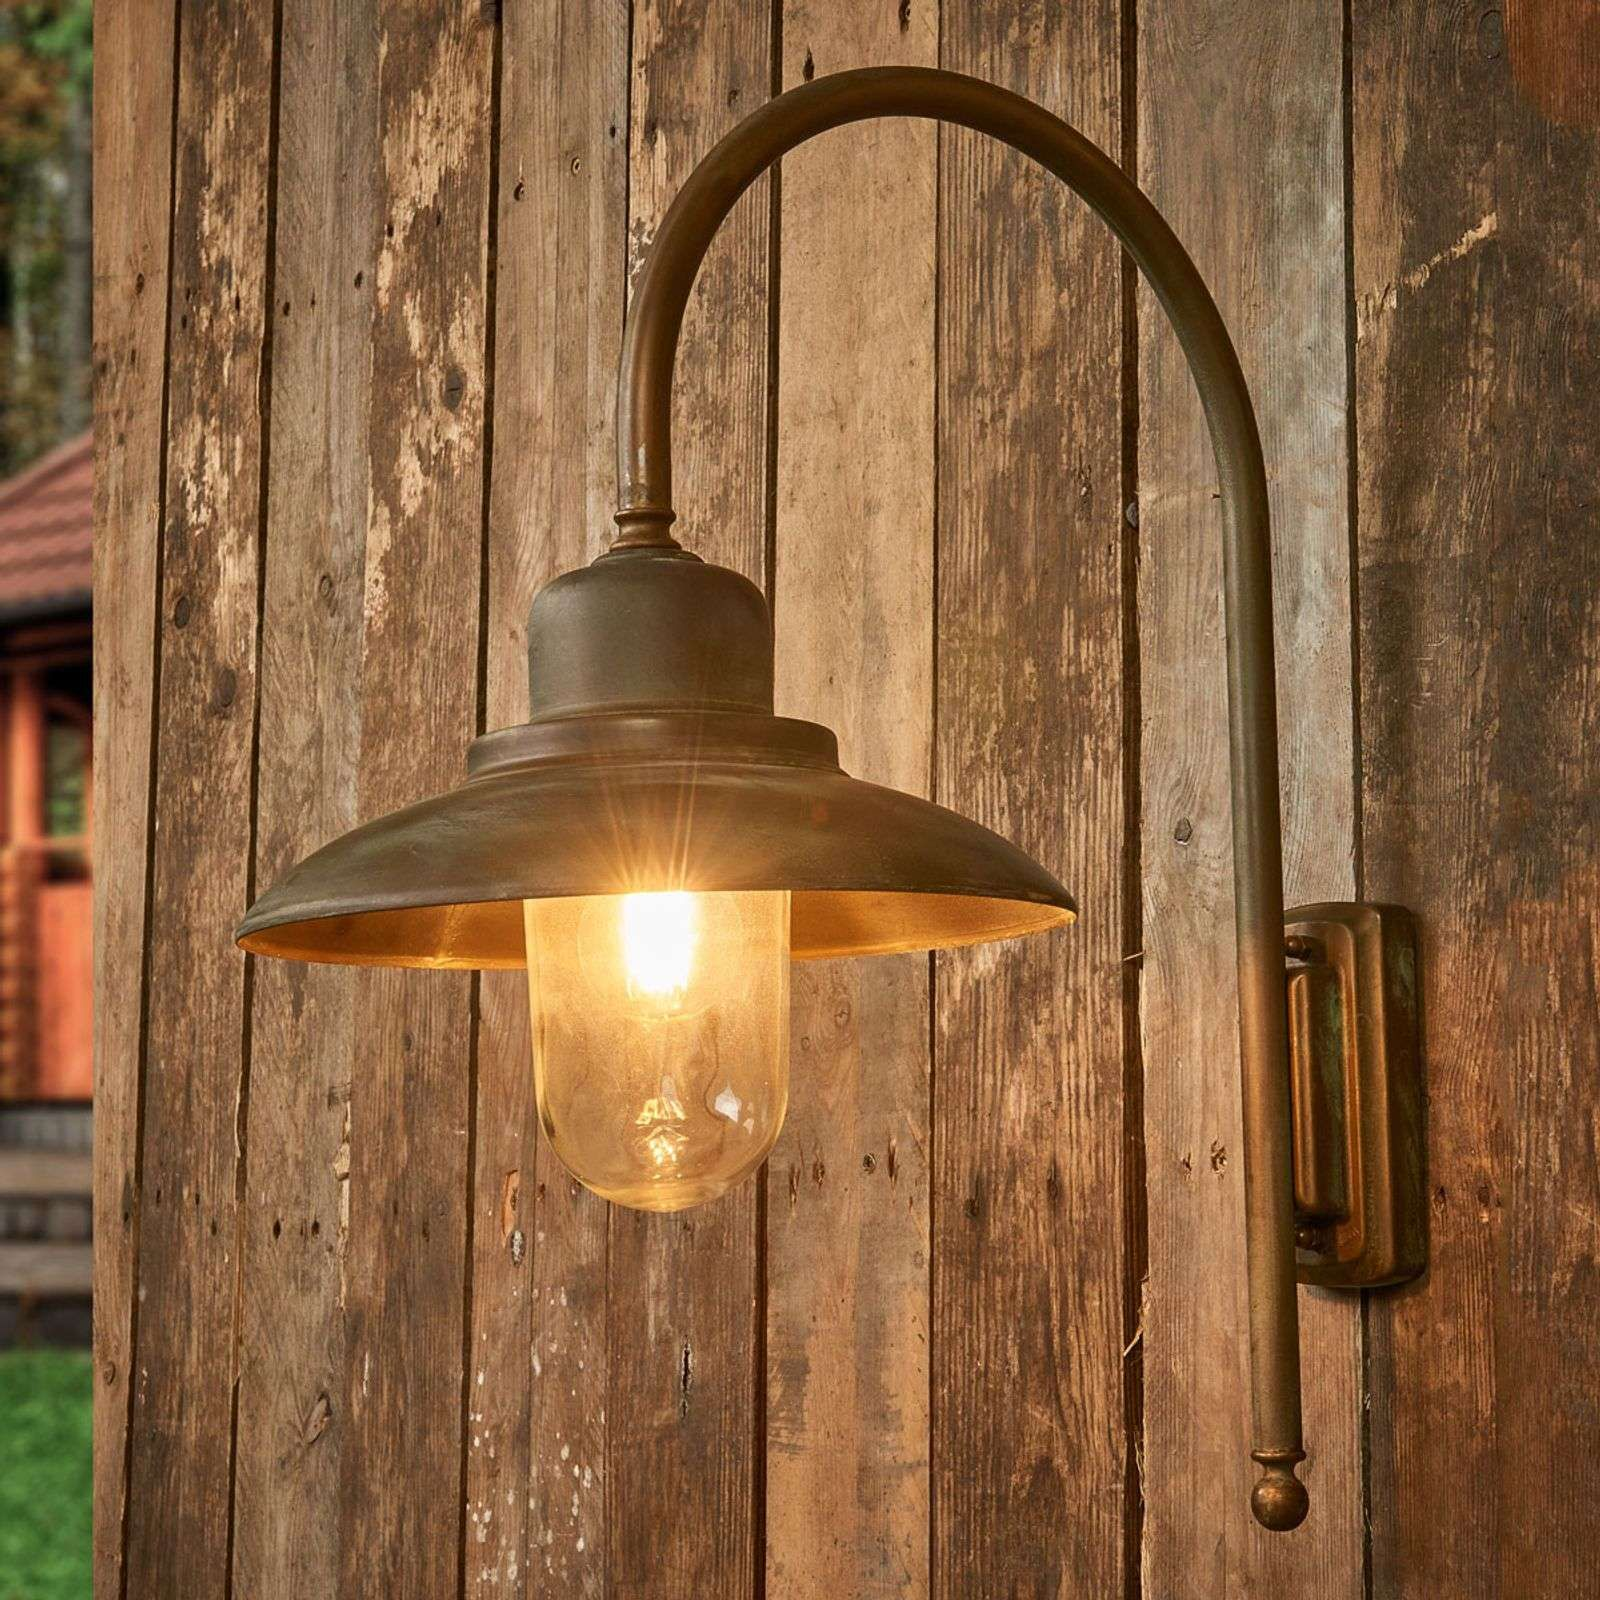 Applique D Exterieur Casale In 2020 Muurverlichting Buiten Wandverlichting Buitenmuren